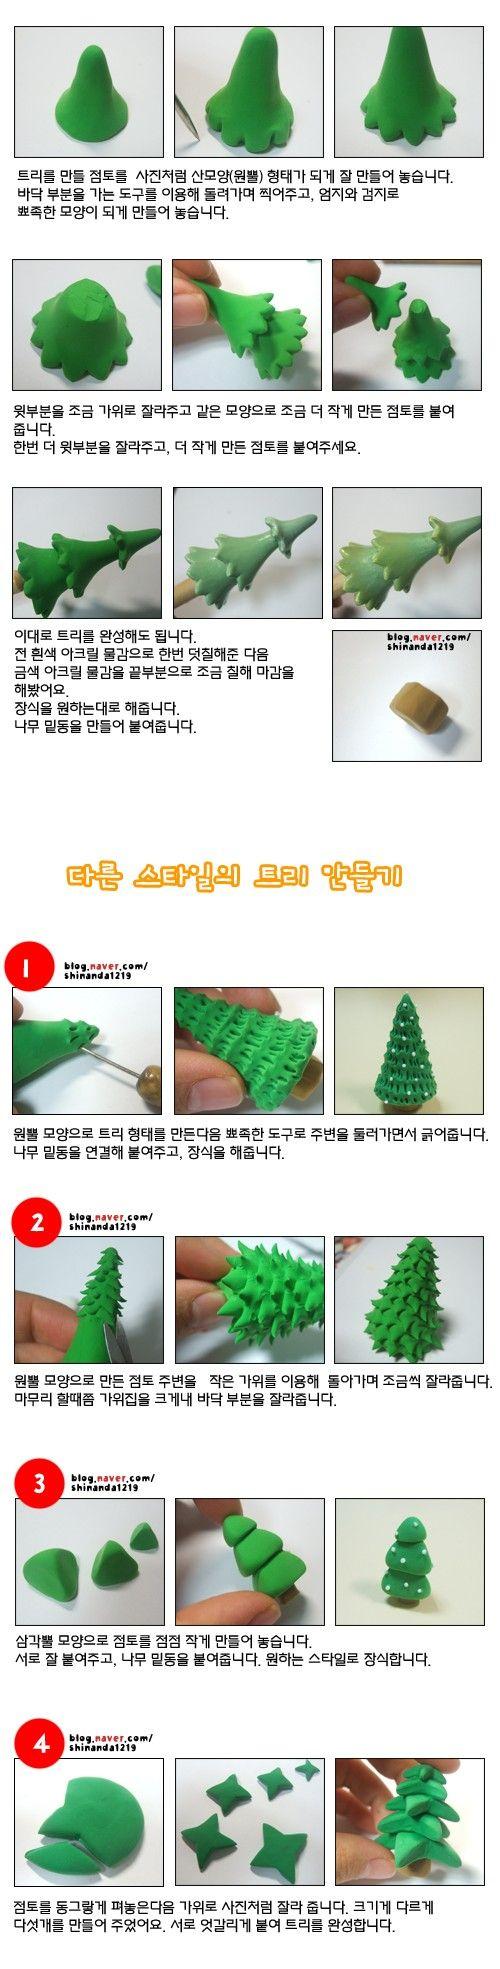 как сделать елочку из пластики